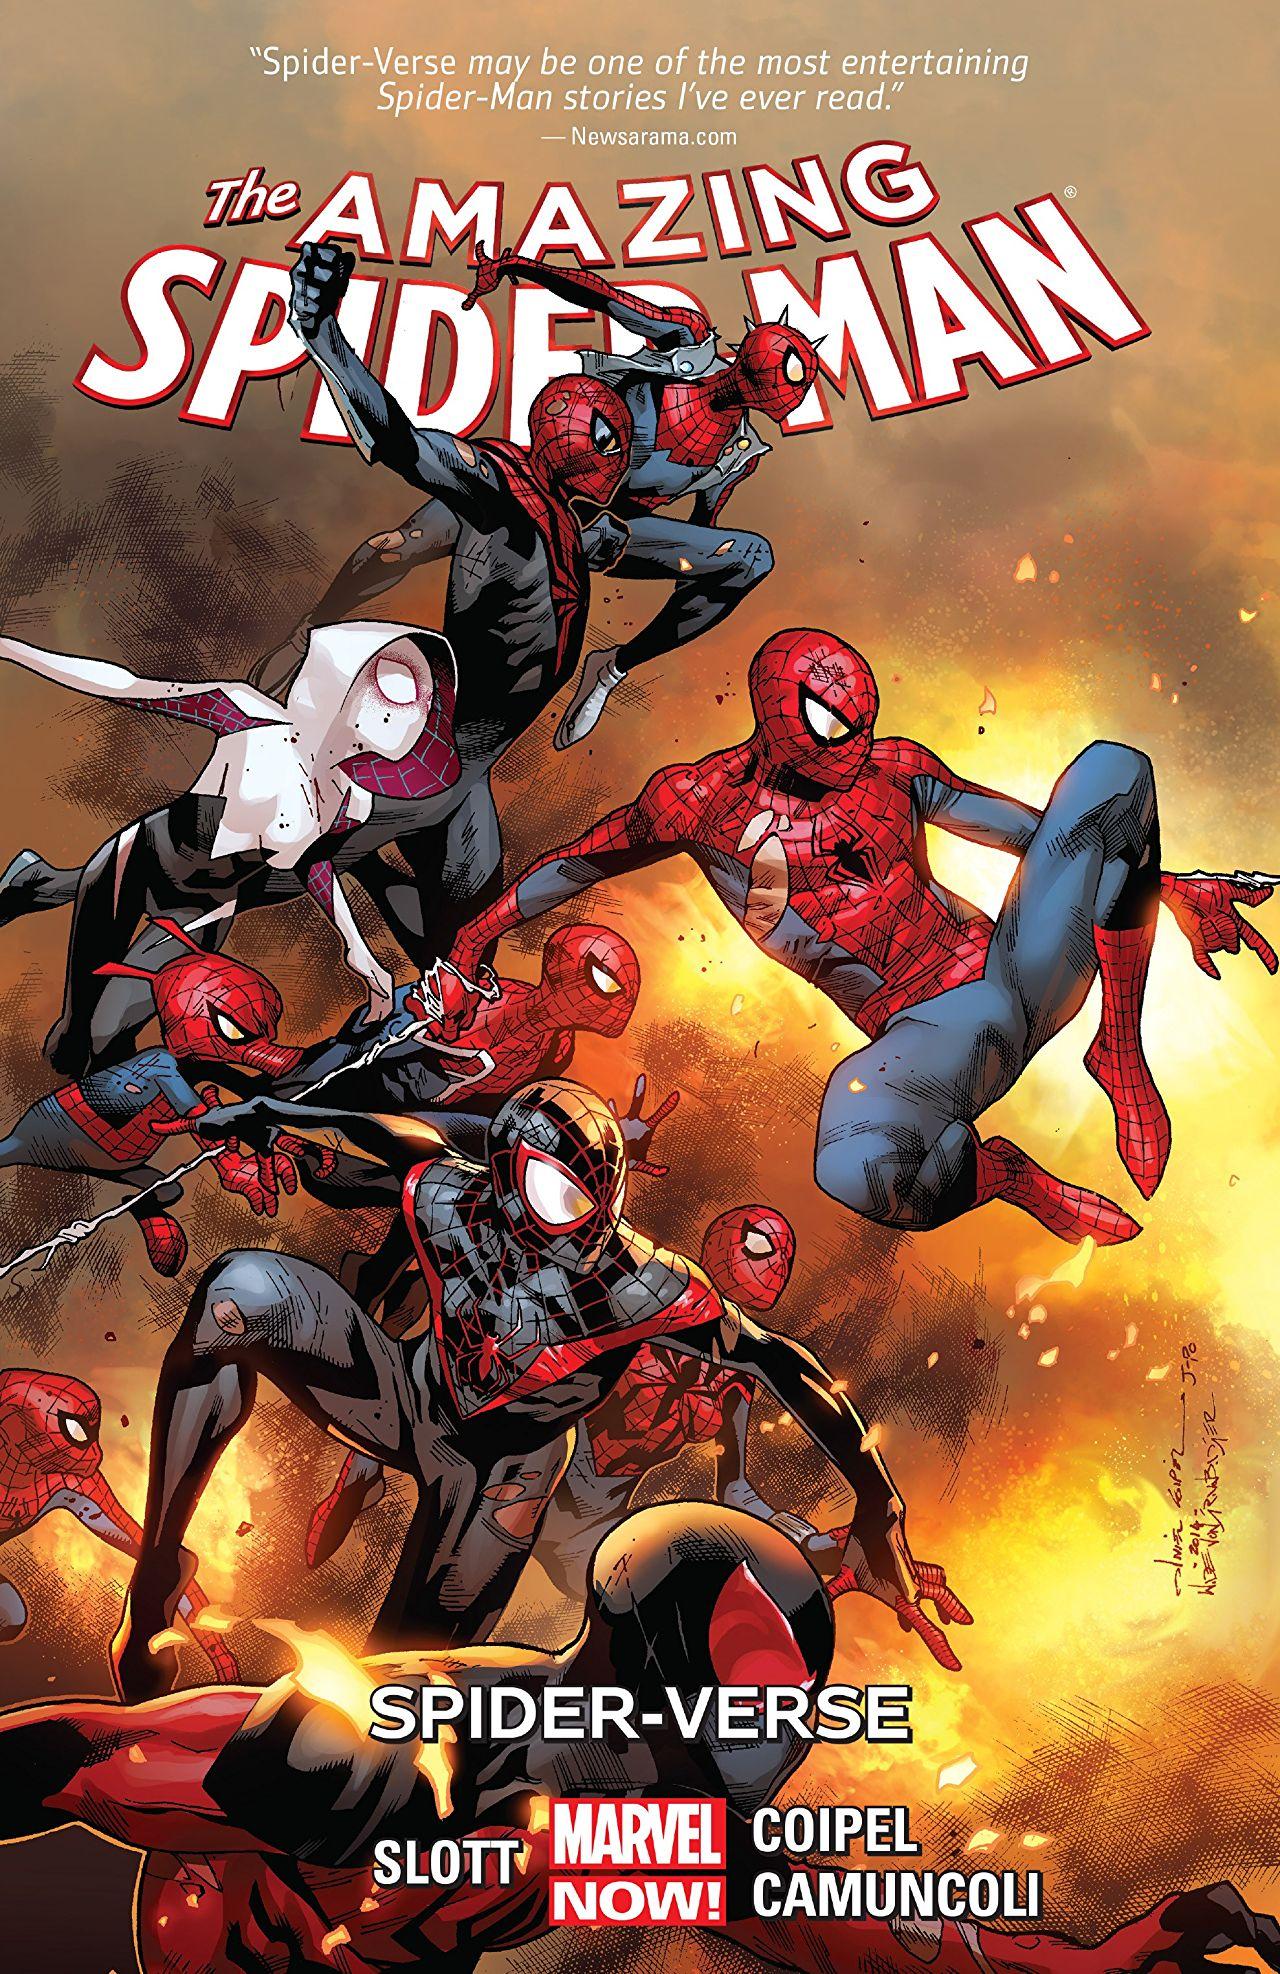 Amazing Spider-Man TPB Vol 2 3 Spider-Verse.jpg